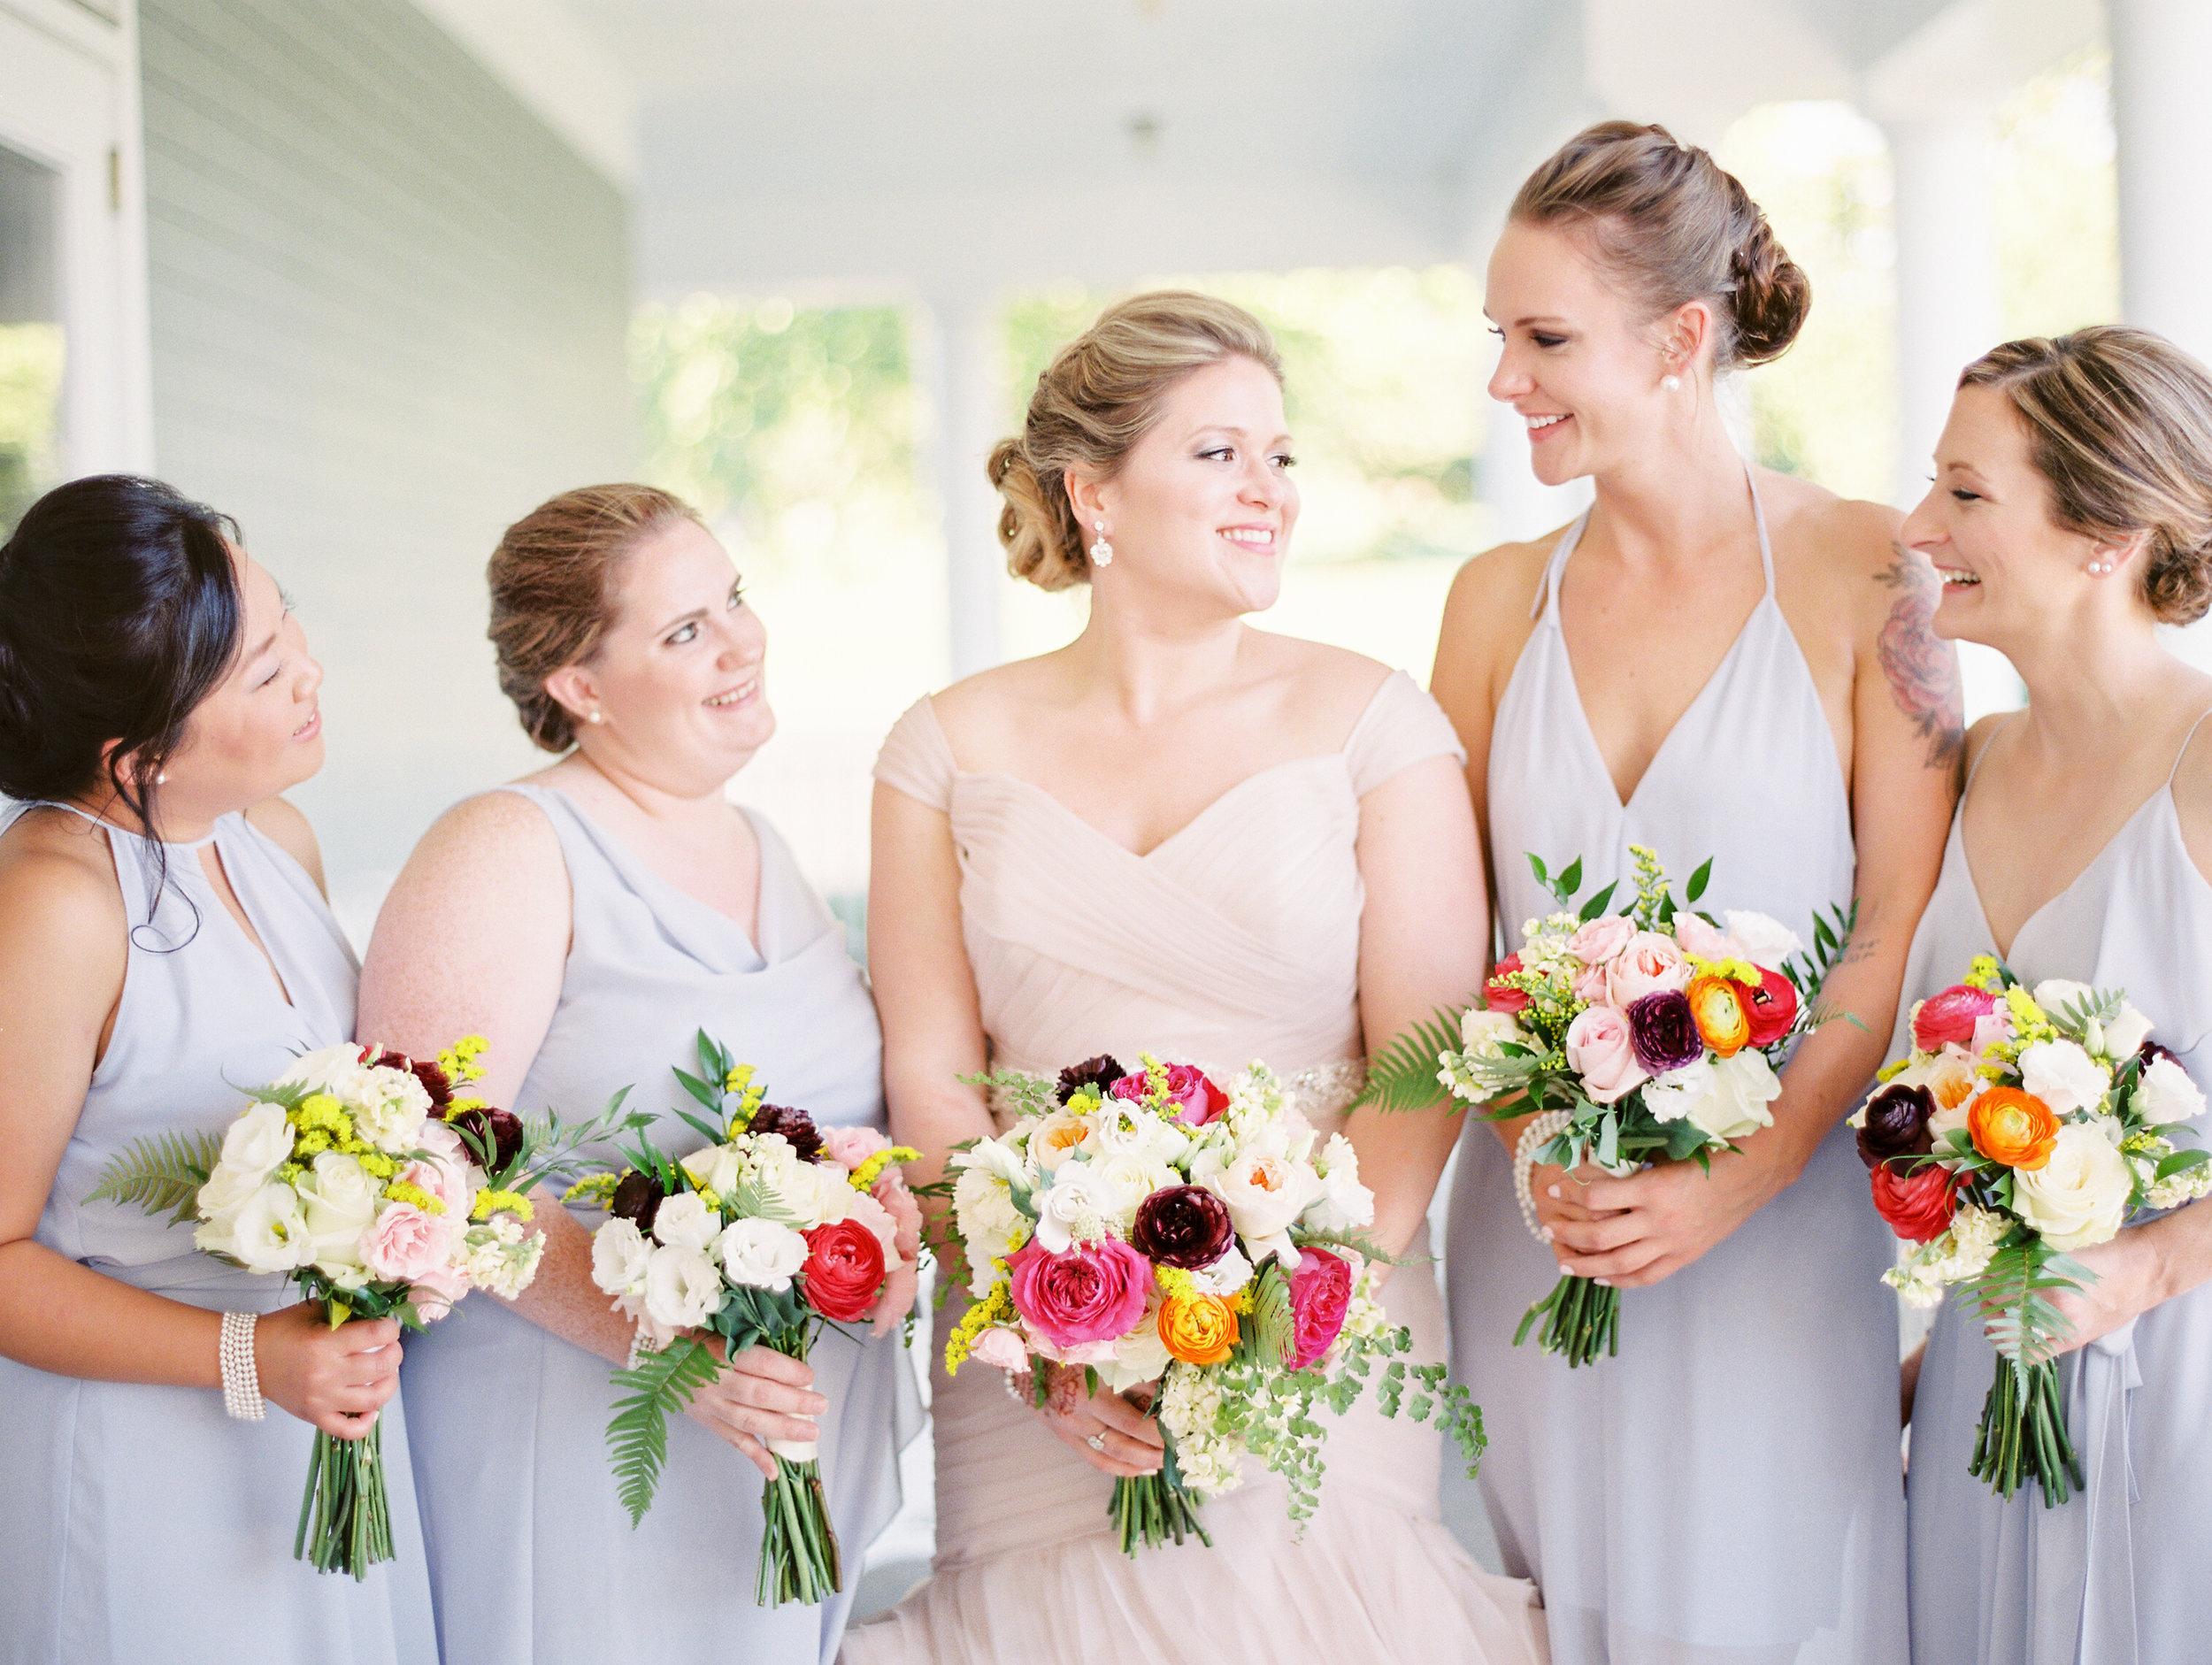 Govathoti+Wedding+Cocktail+BridalParty-14.jpg